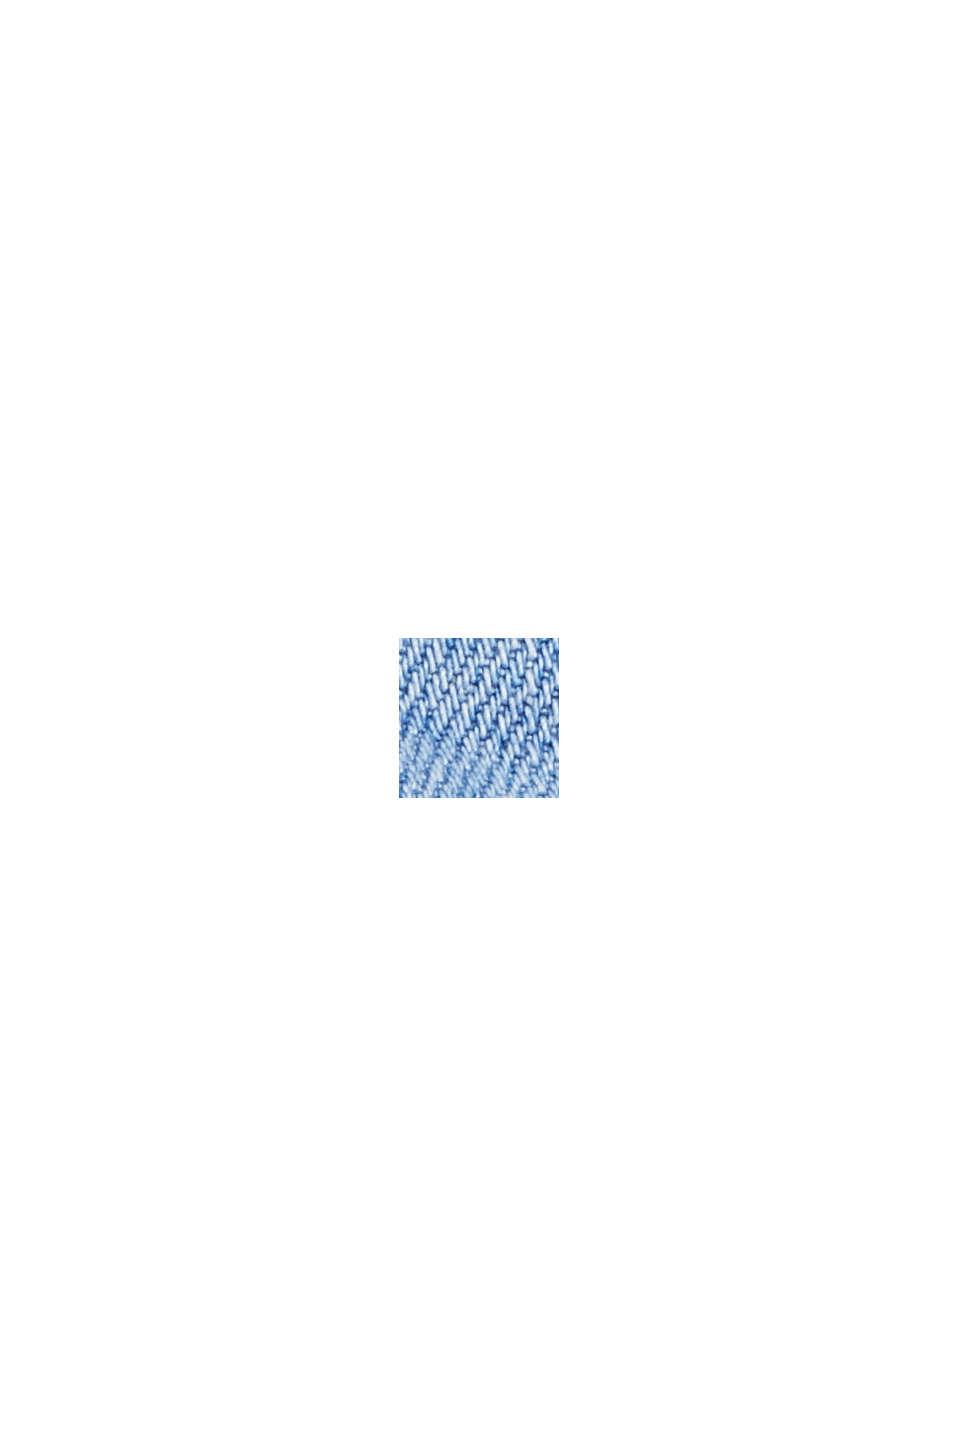 Jeans-Bermudas aus Bio-Baumwolle, BLUE LIGHT WASHED, swatch